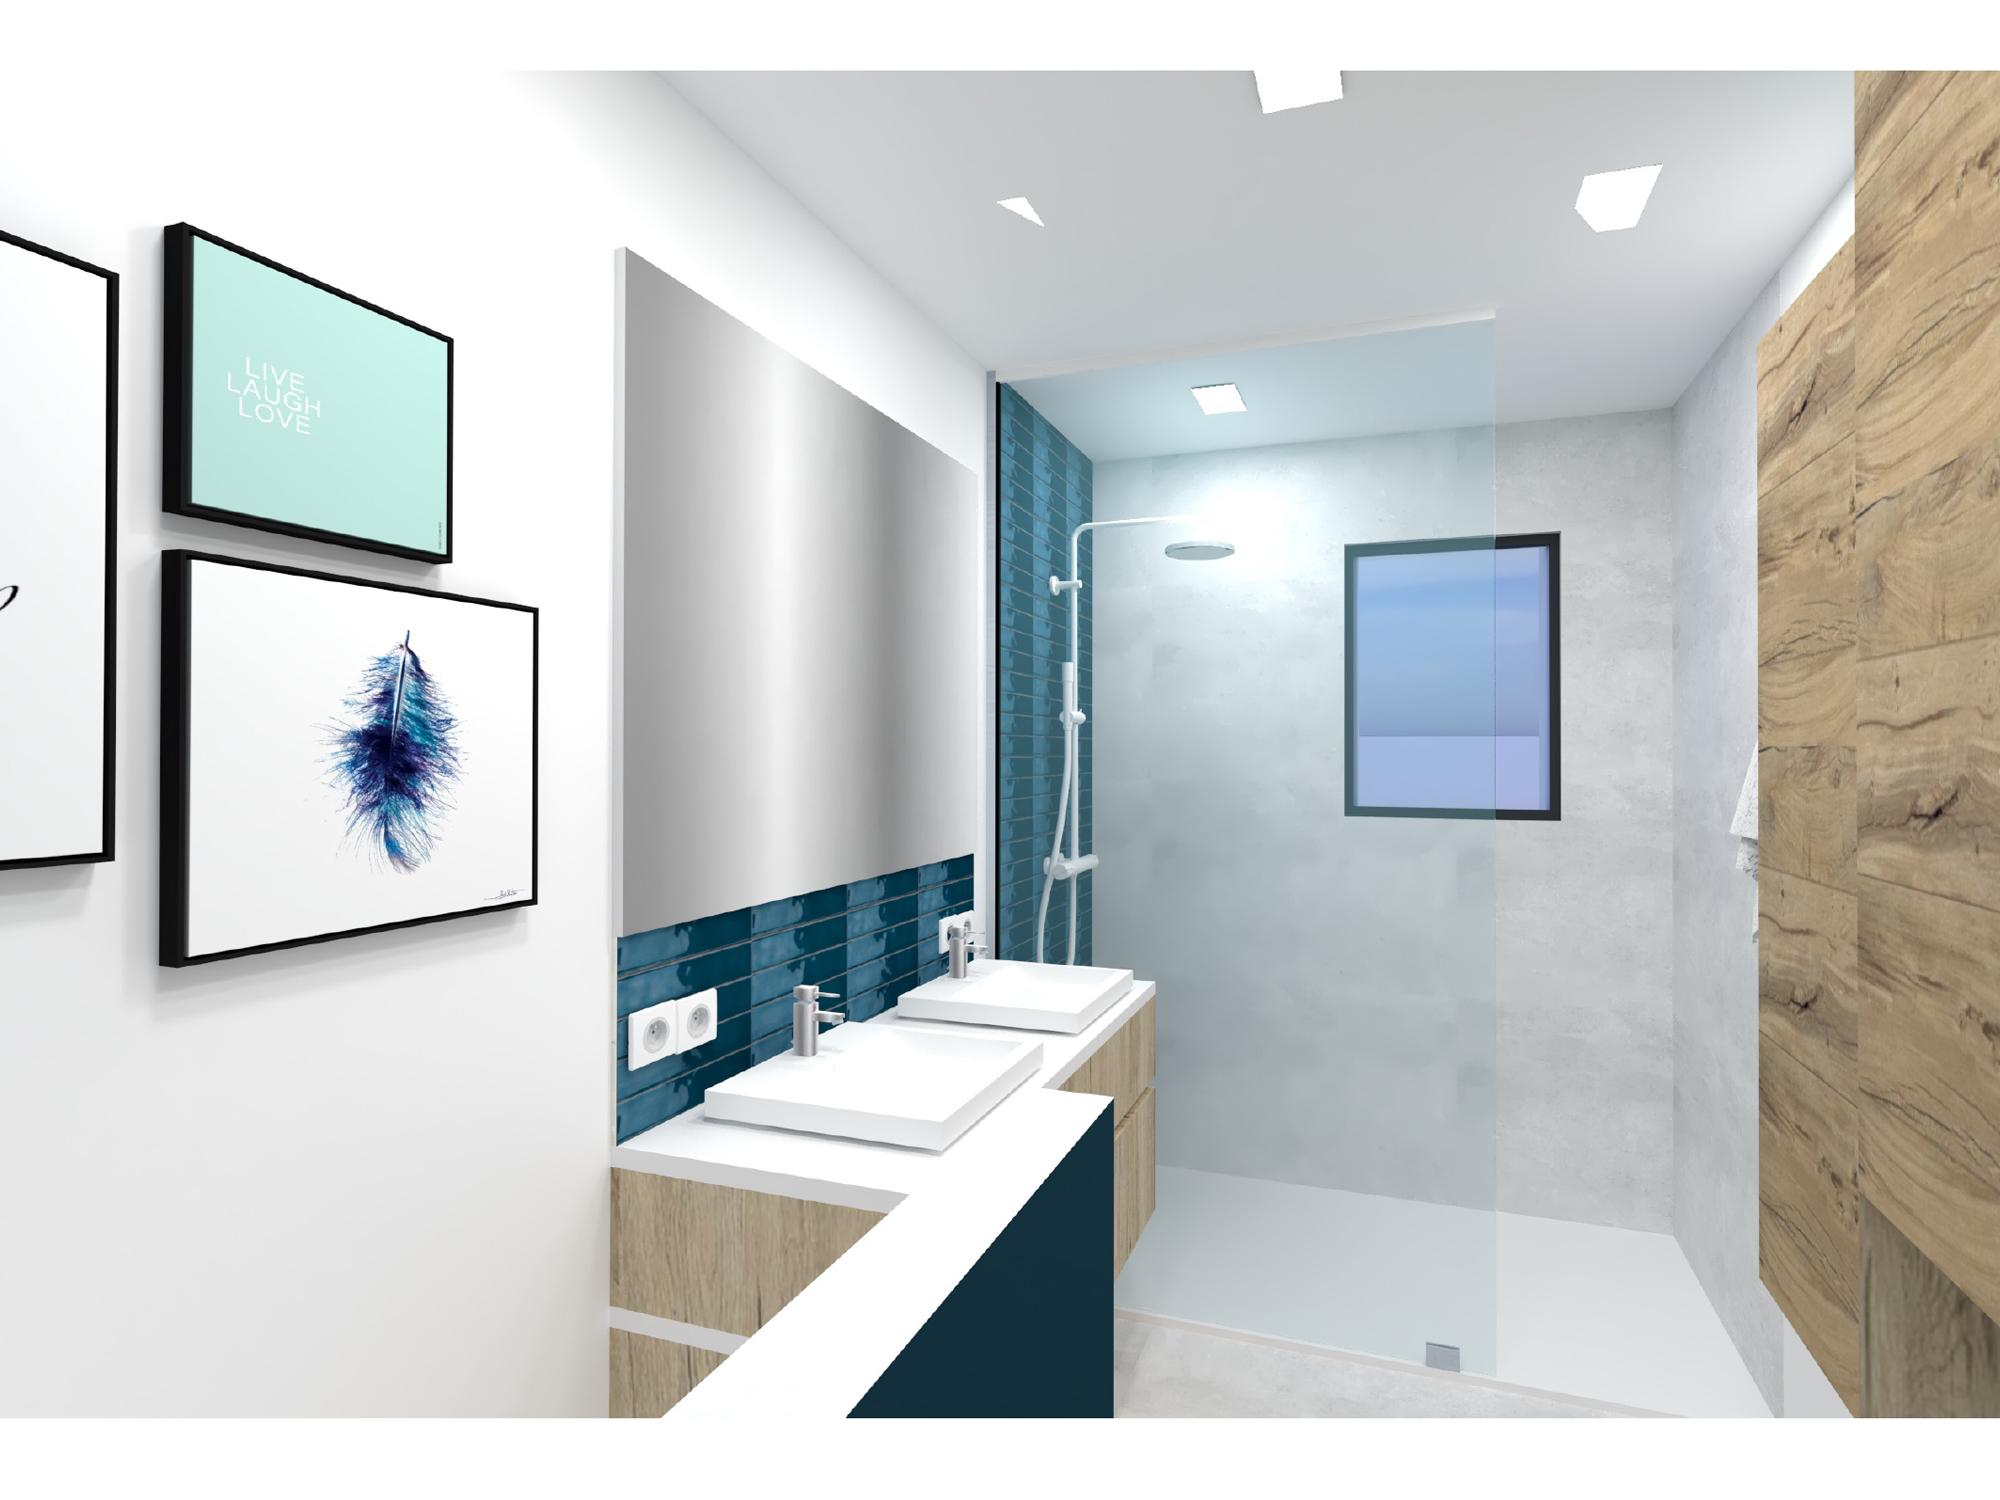 3D agencement salle de bain validée création interieur architecte